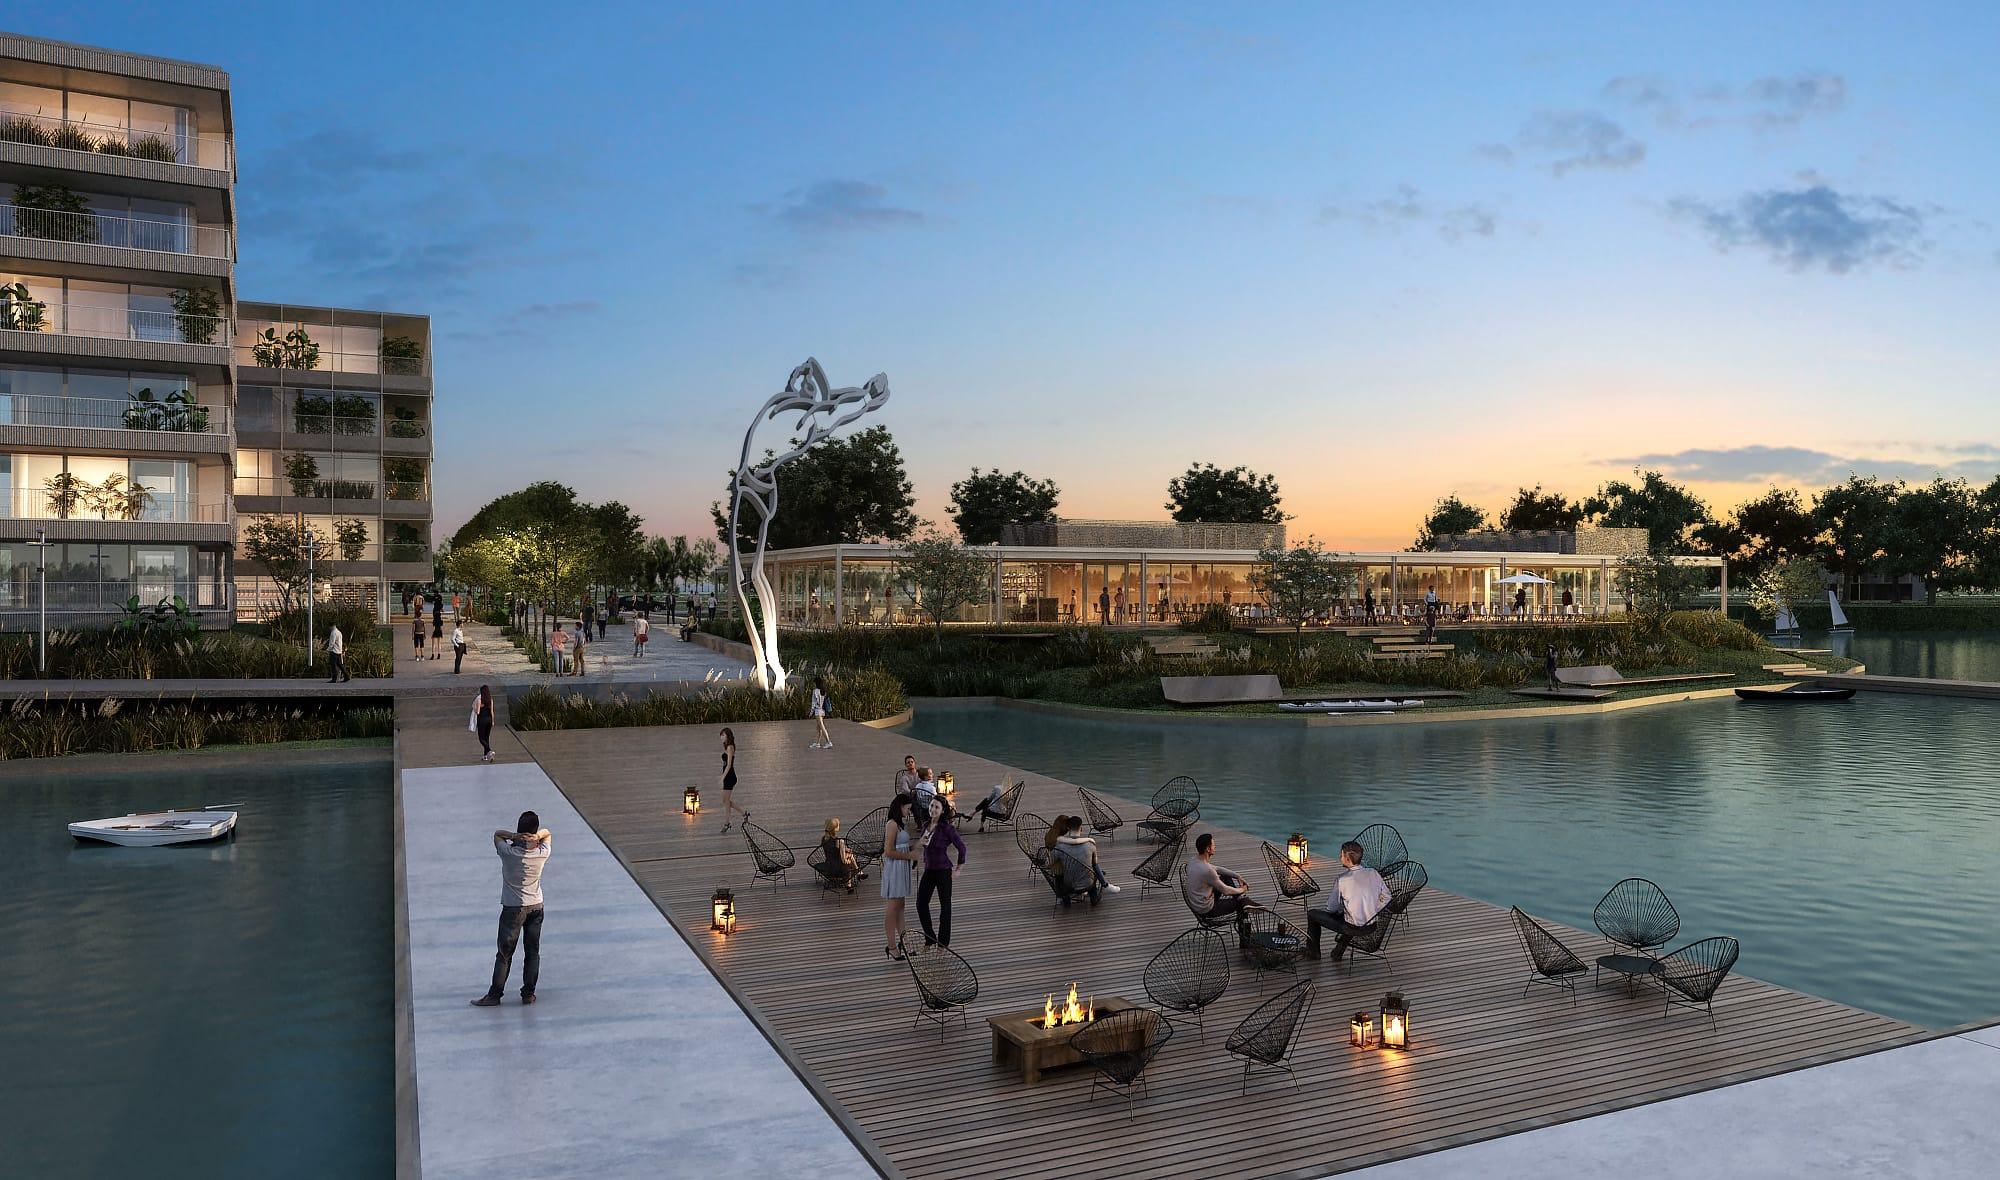 Experiencia Satélite Puertos, diseño frente al lago y un entorno natural